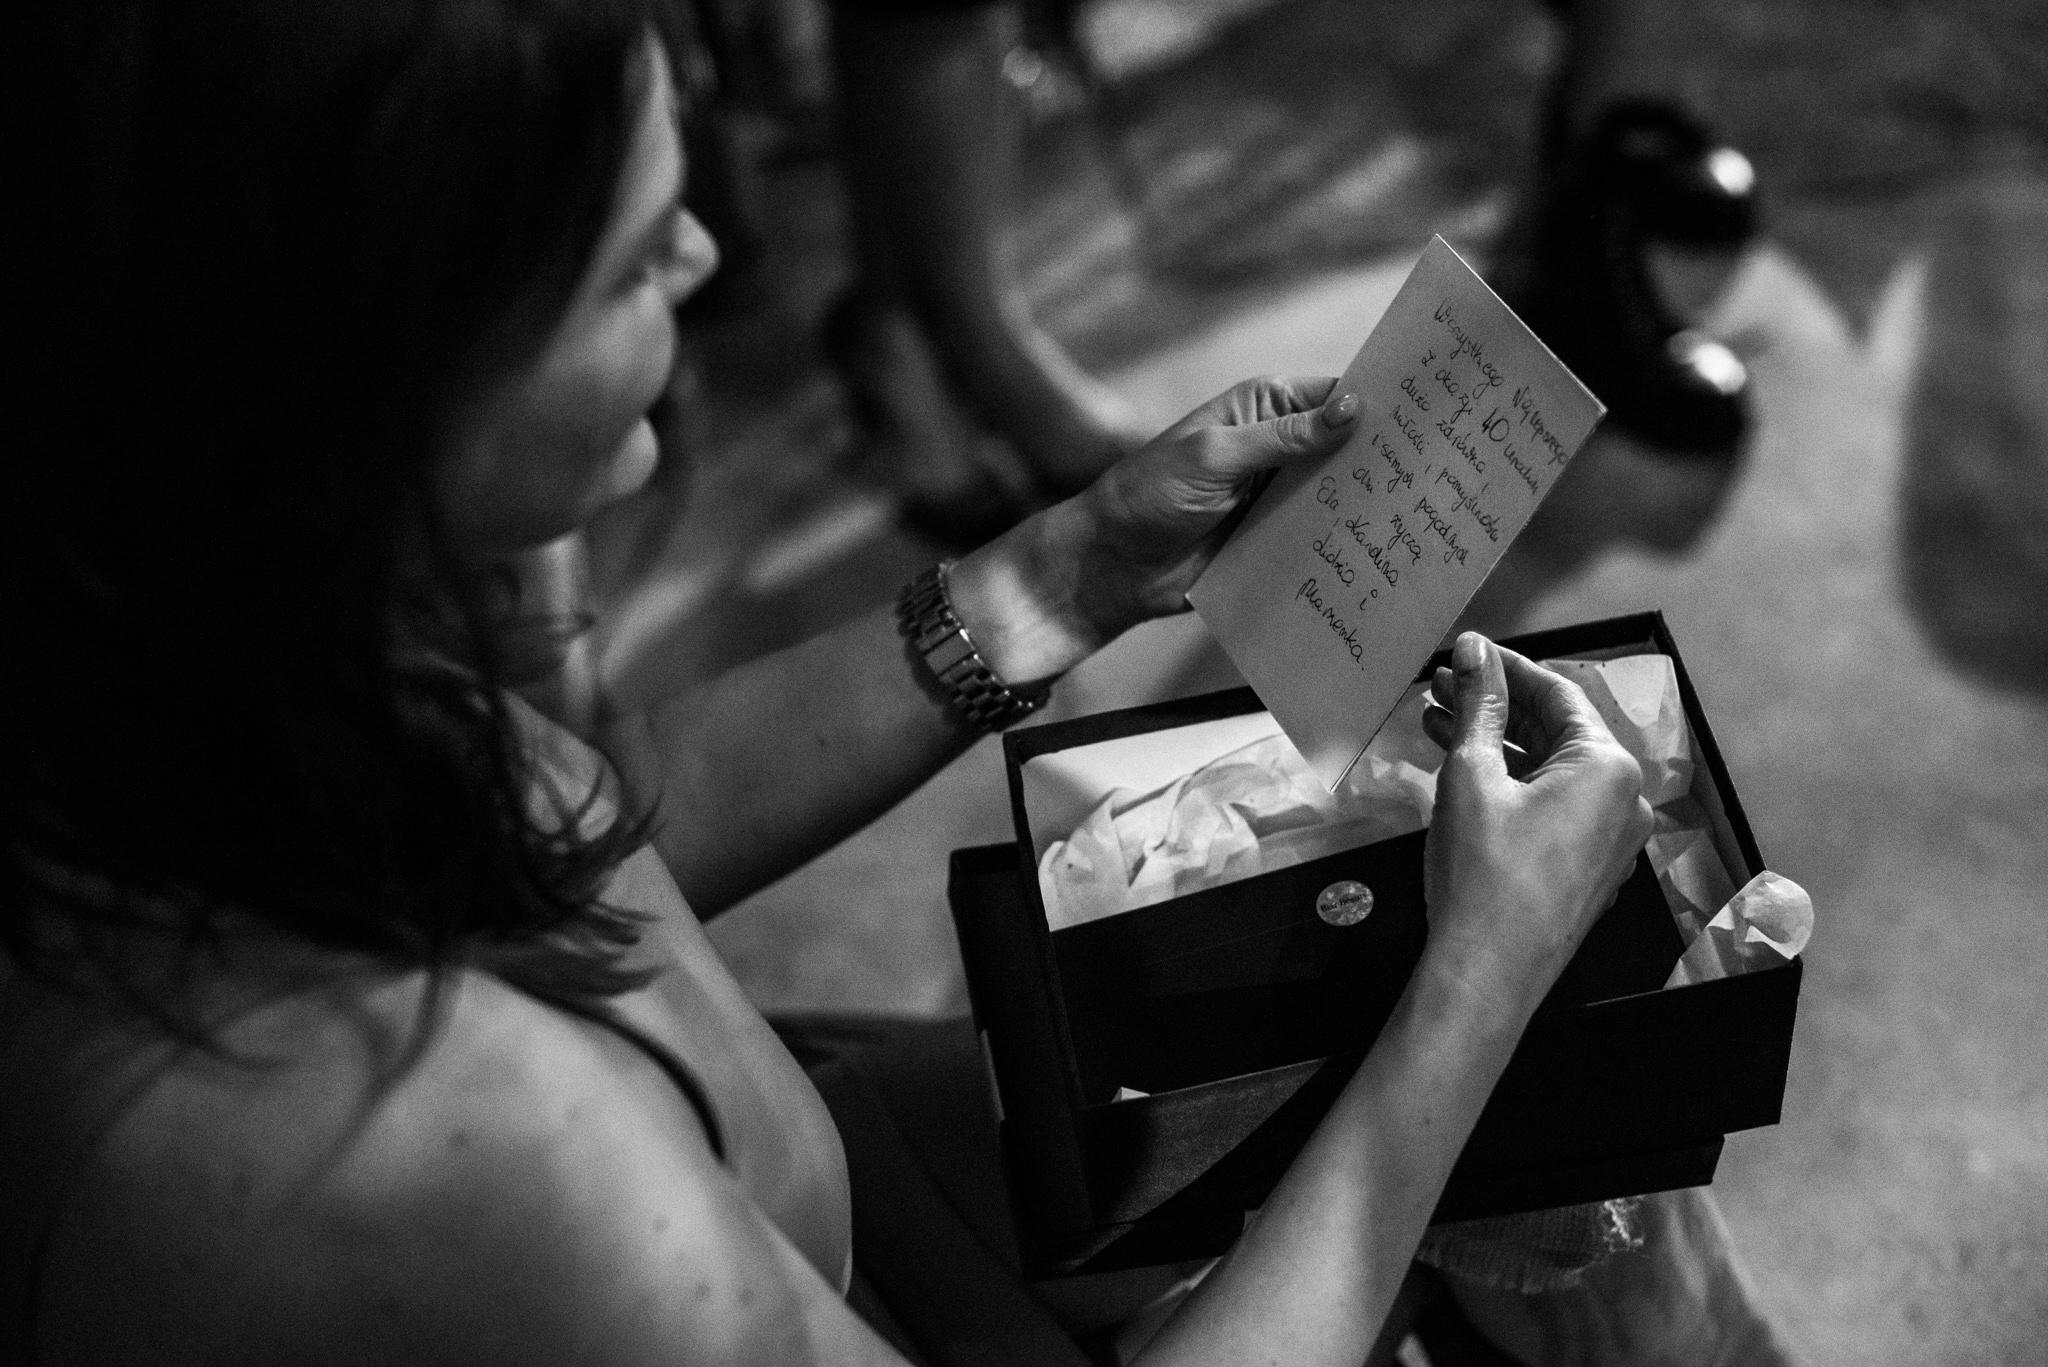 Fotograf na urodziny - czy to ma sens? 21